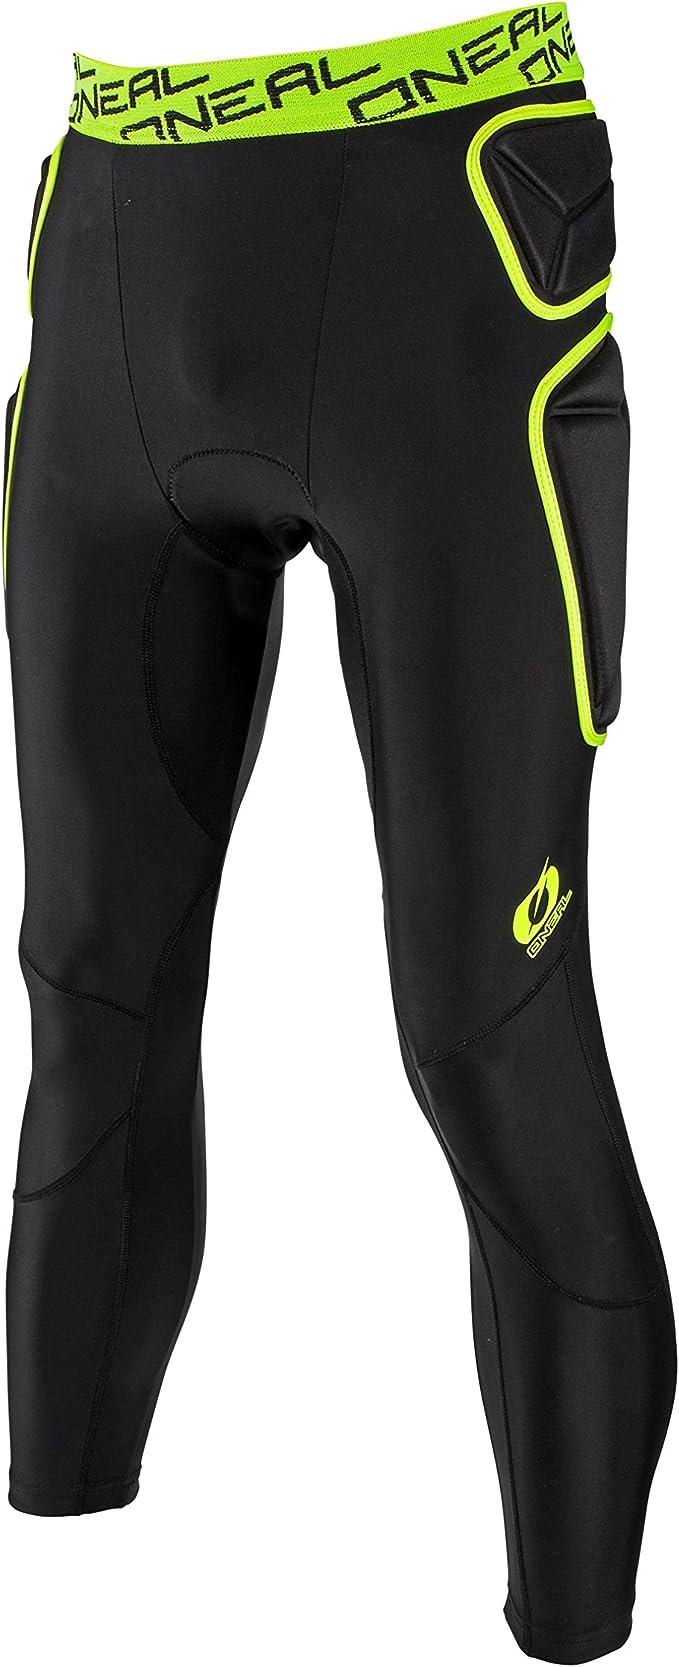 ONeal Trail Pantalon Protections Noir Vert Citron VTT DH Enduro Downhill Freeride VTT Eva 1 1288